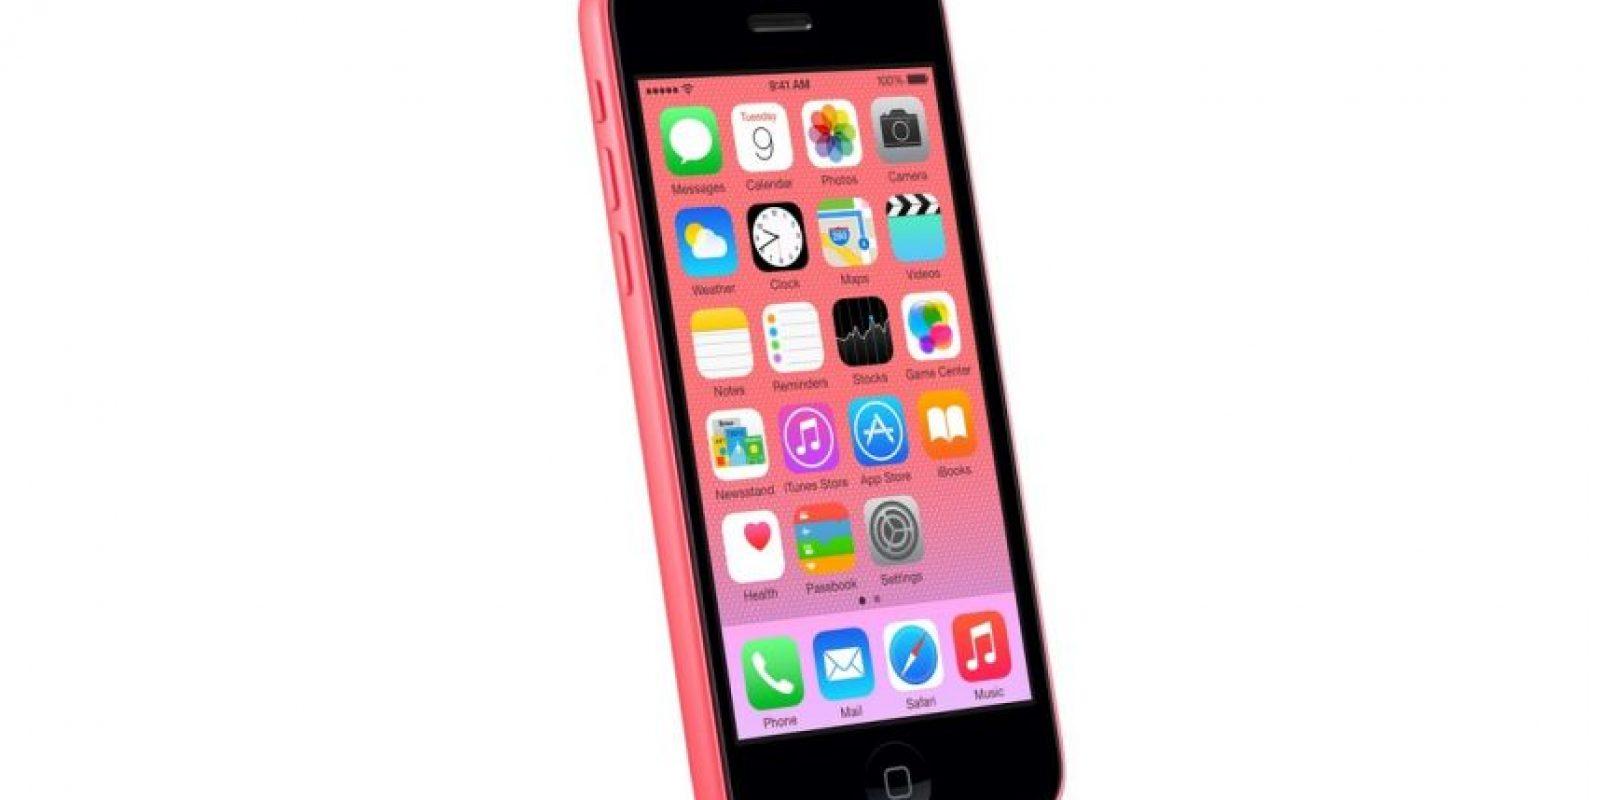 Así se ve el iPhone 6C según la imagen de Apple. Foto:Apple